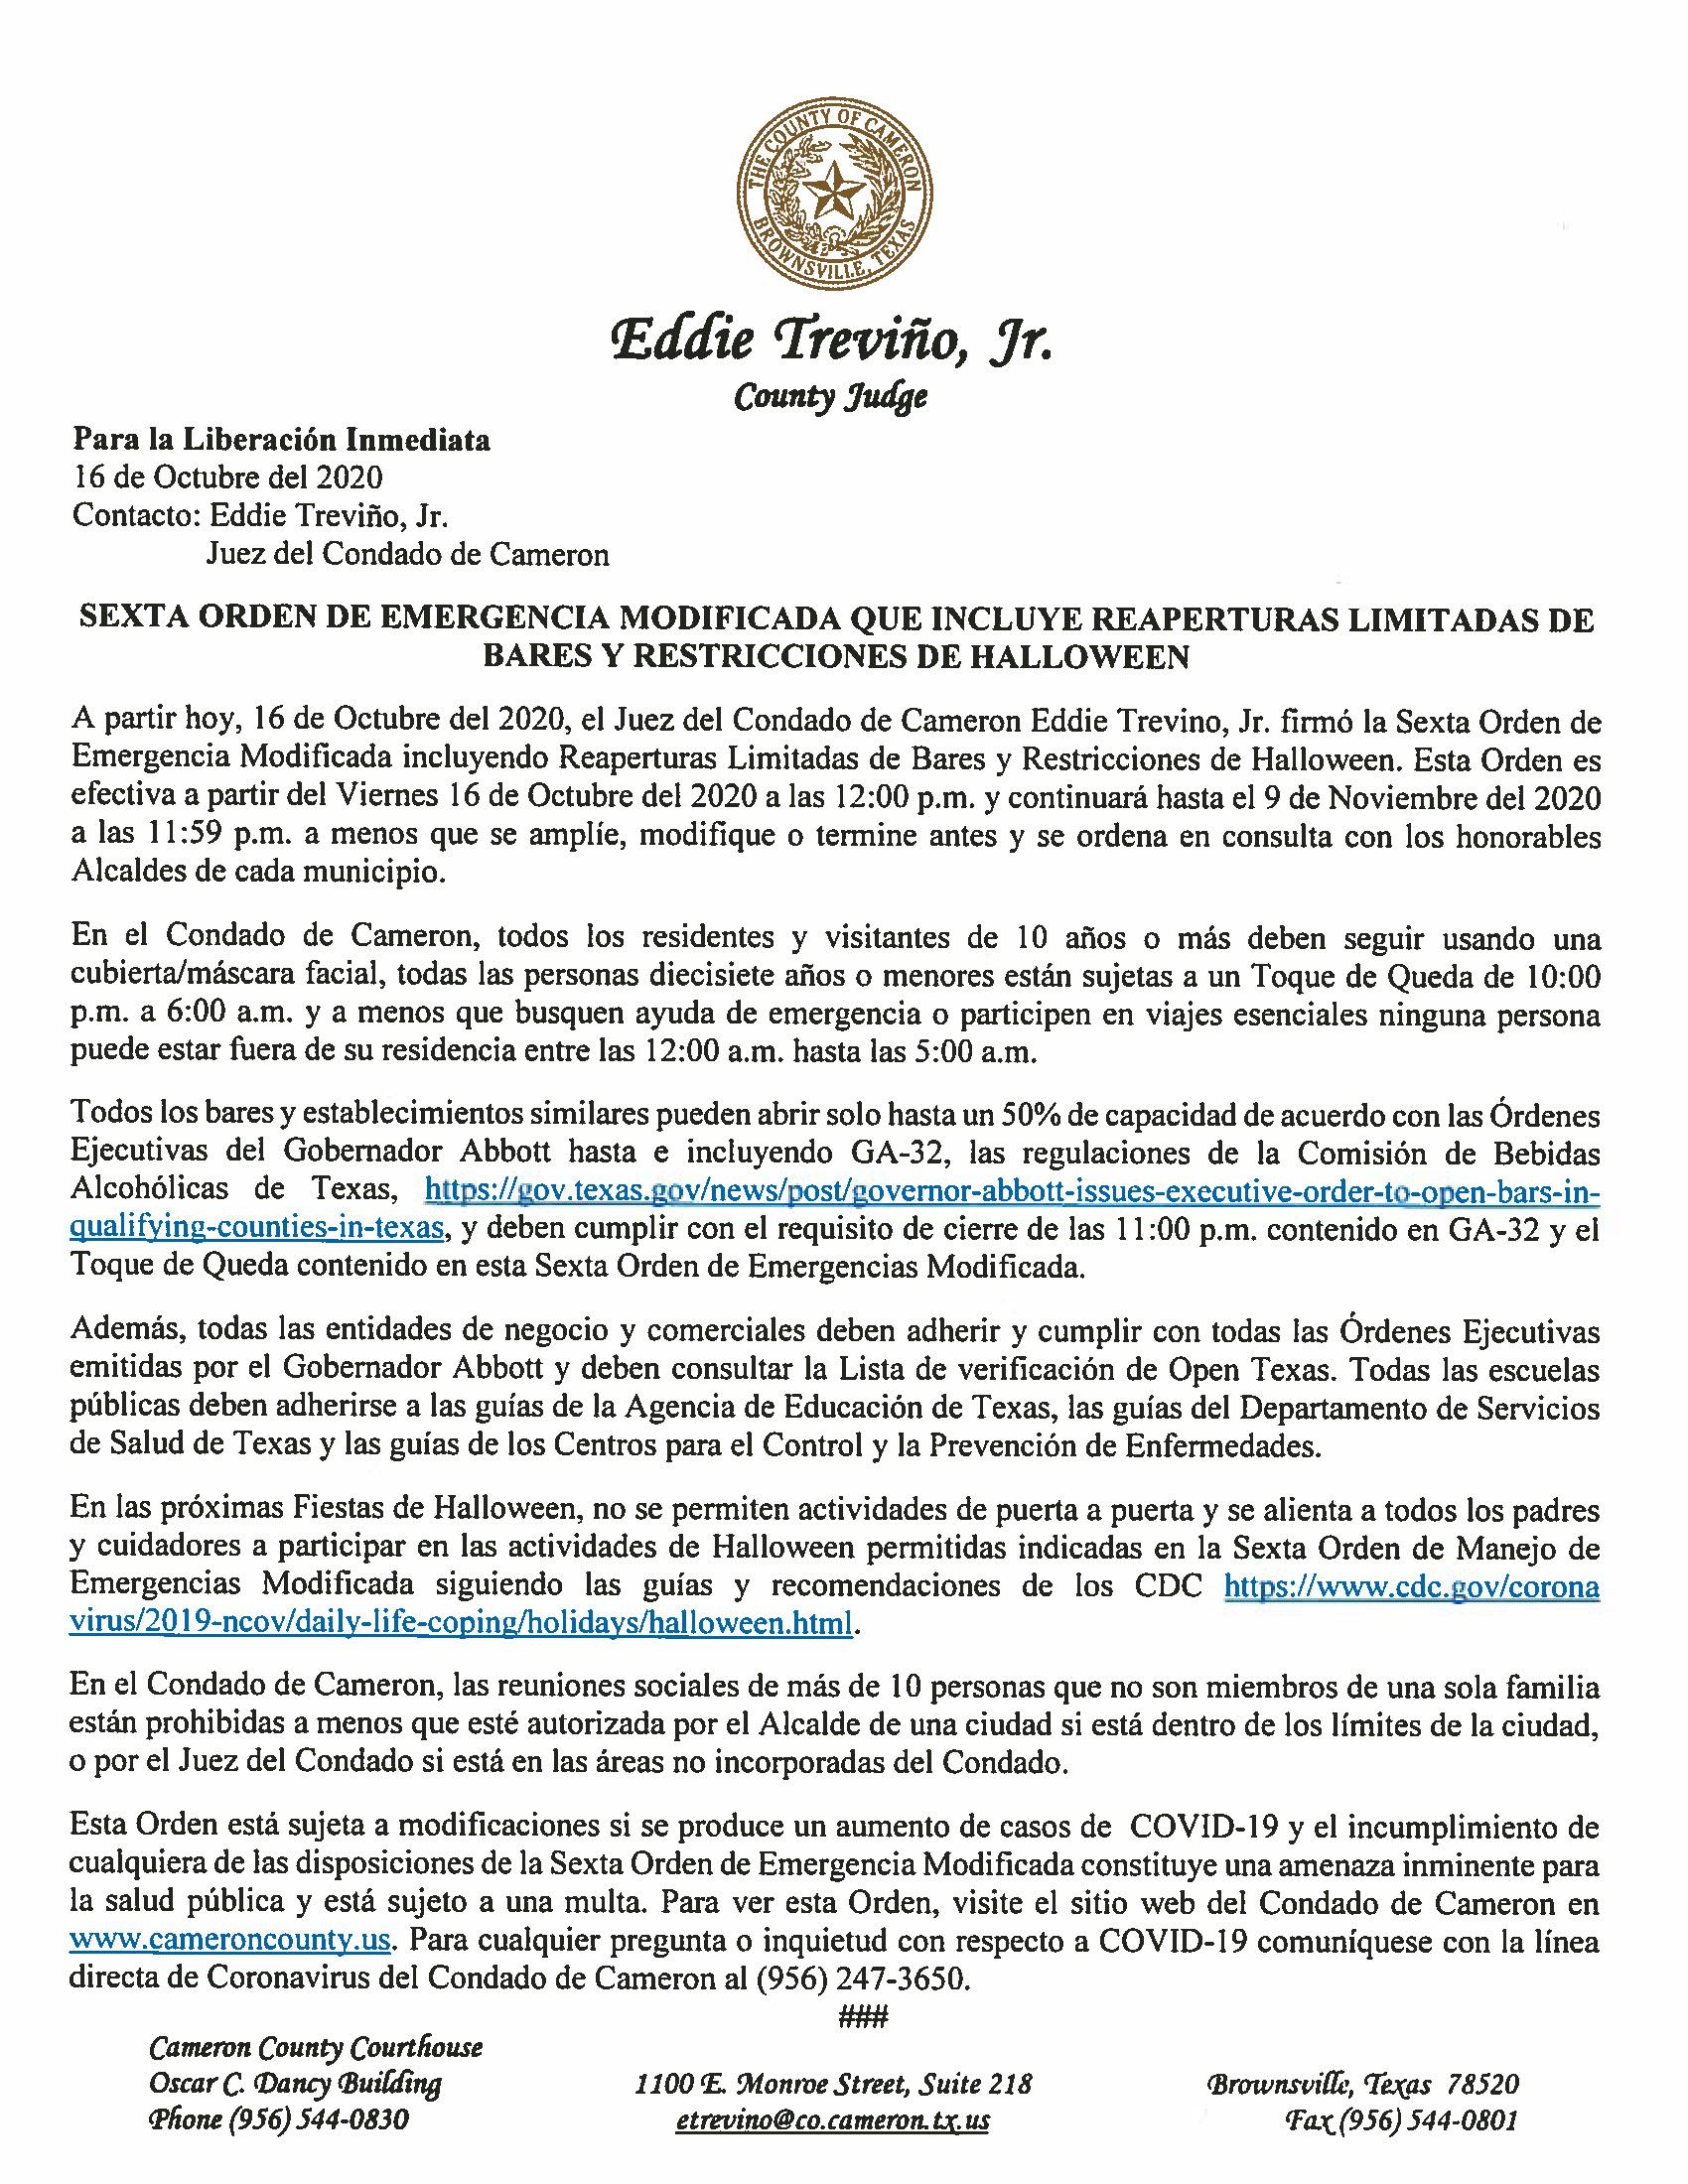 10.16.2020 PR Sexta Orden De Emergencia Modificada Que Incluye Reaperturas Limitadas De Bares Y Restricciones De Halloween